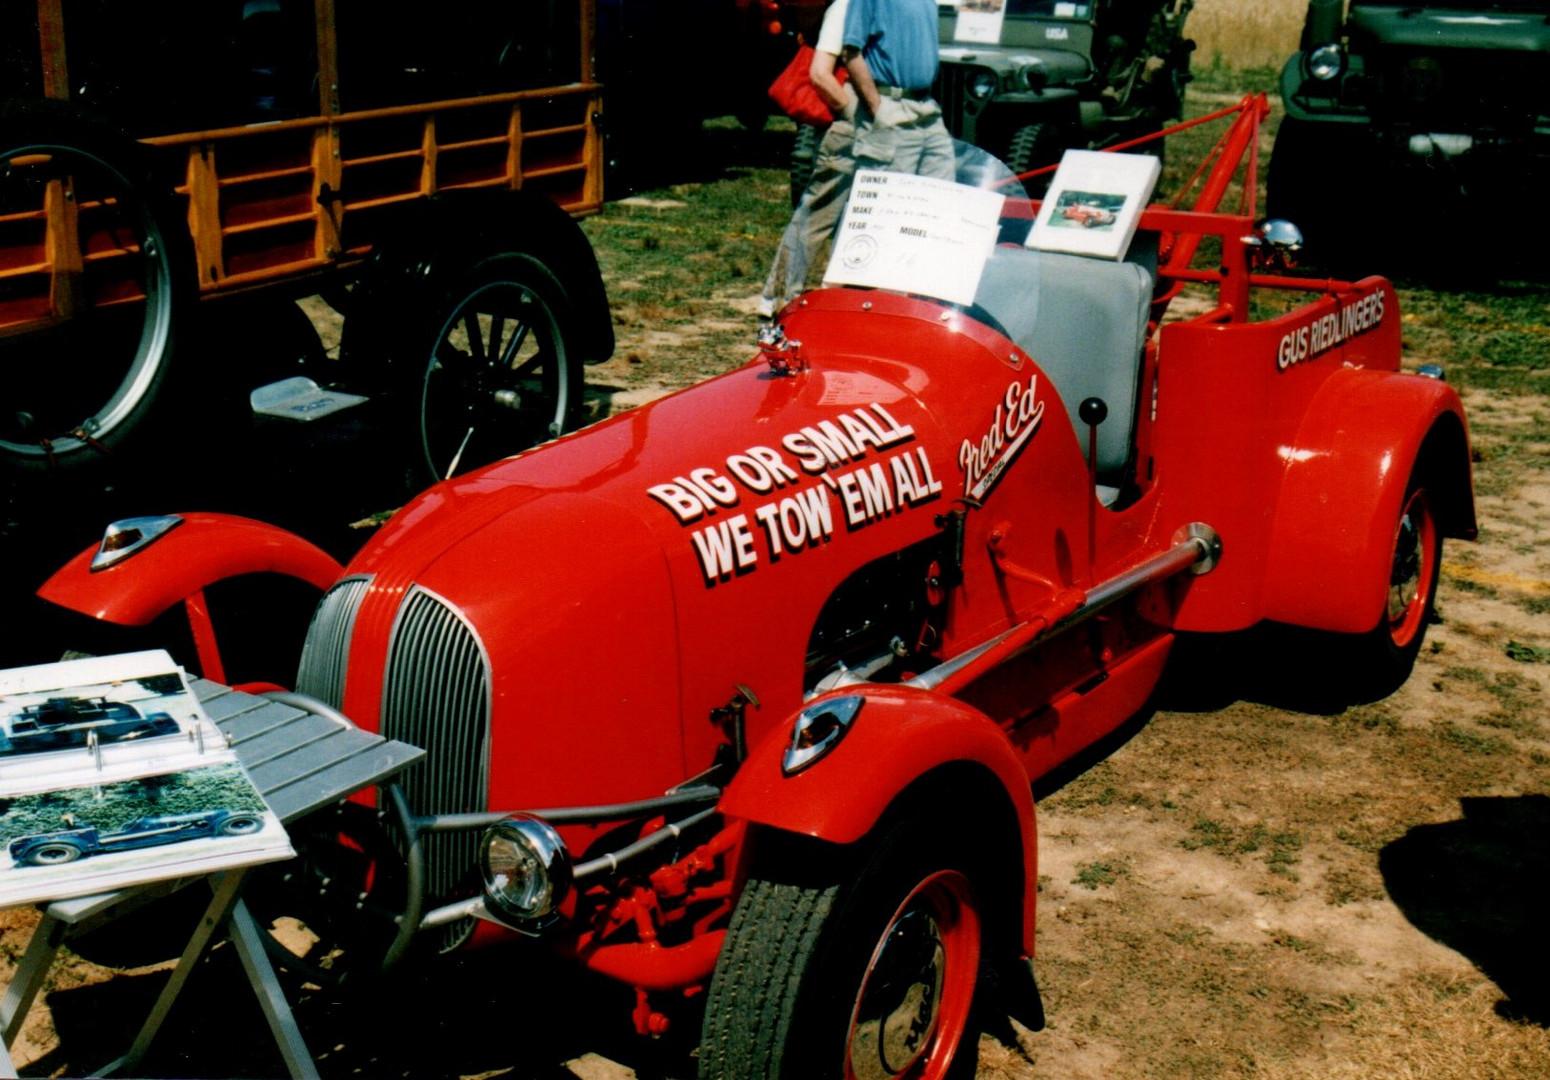 1948 Fred Ed Special homemade wrecker - John Reidlinger